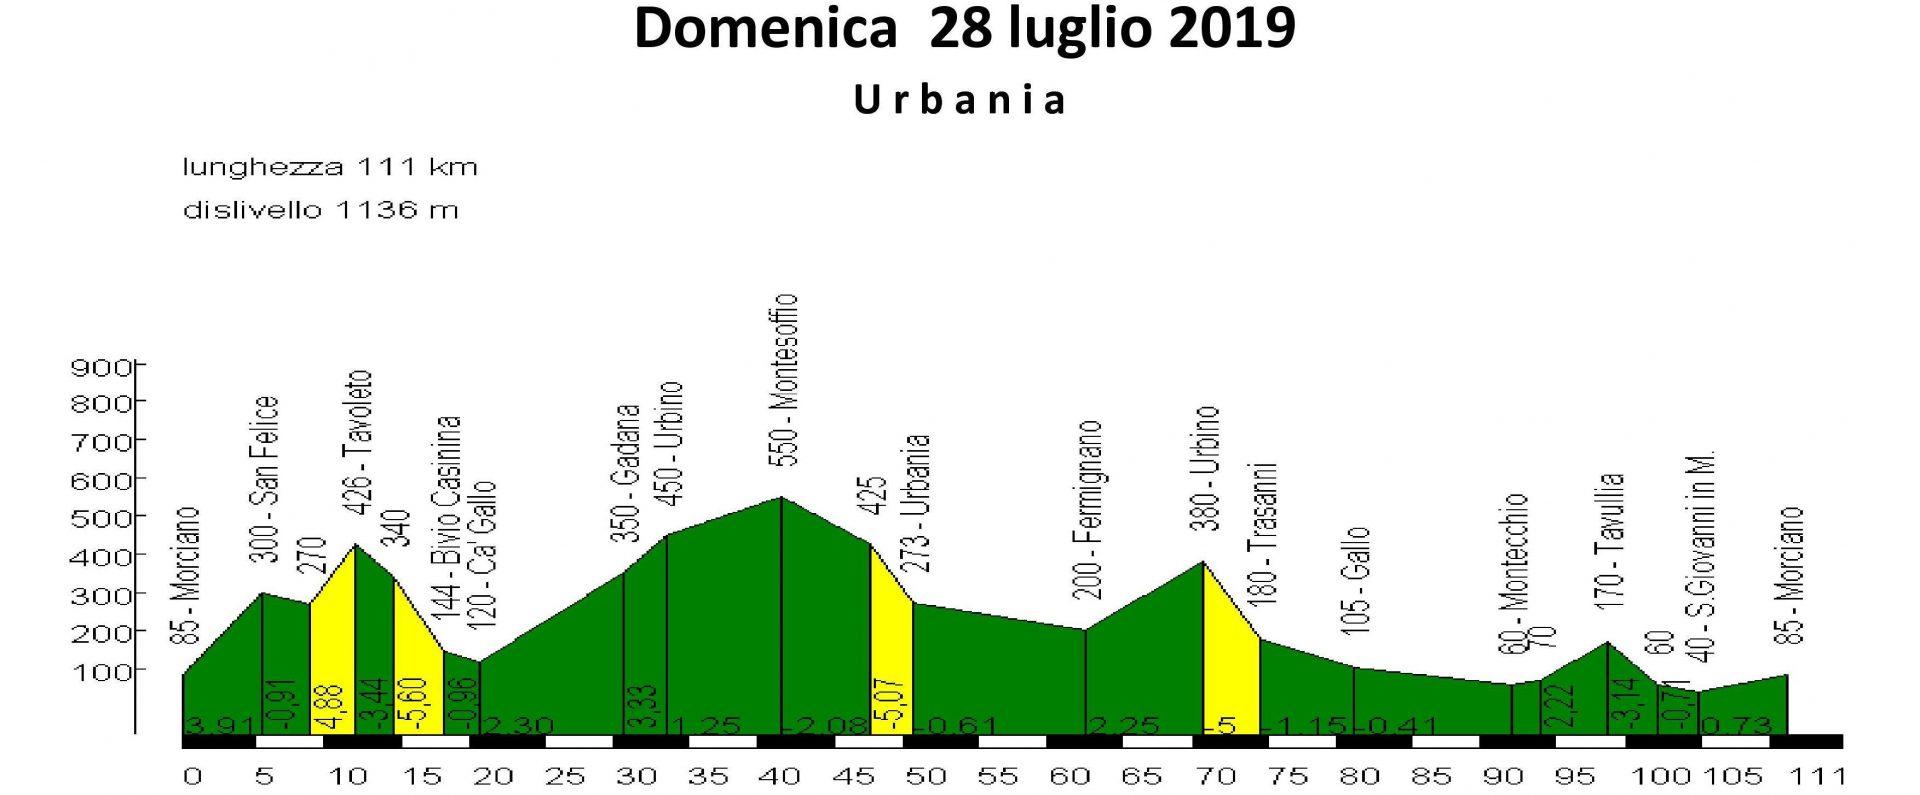 Domenica 28-lug-2019 Urbania